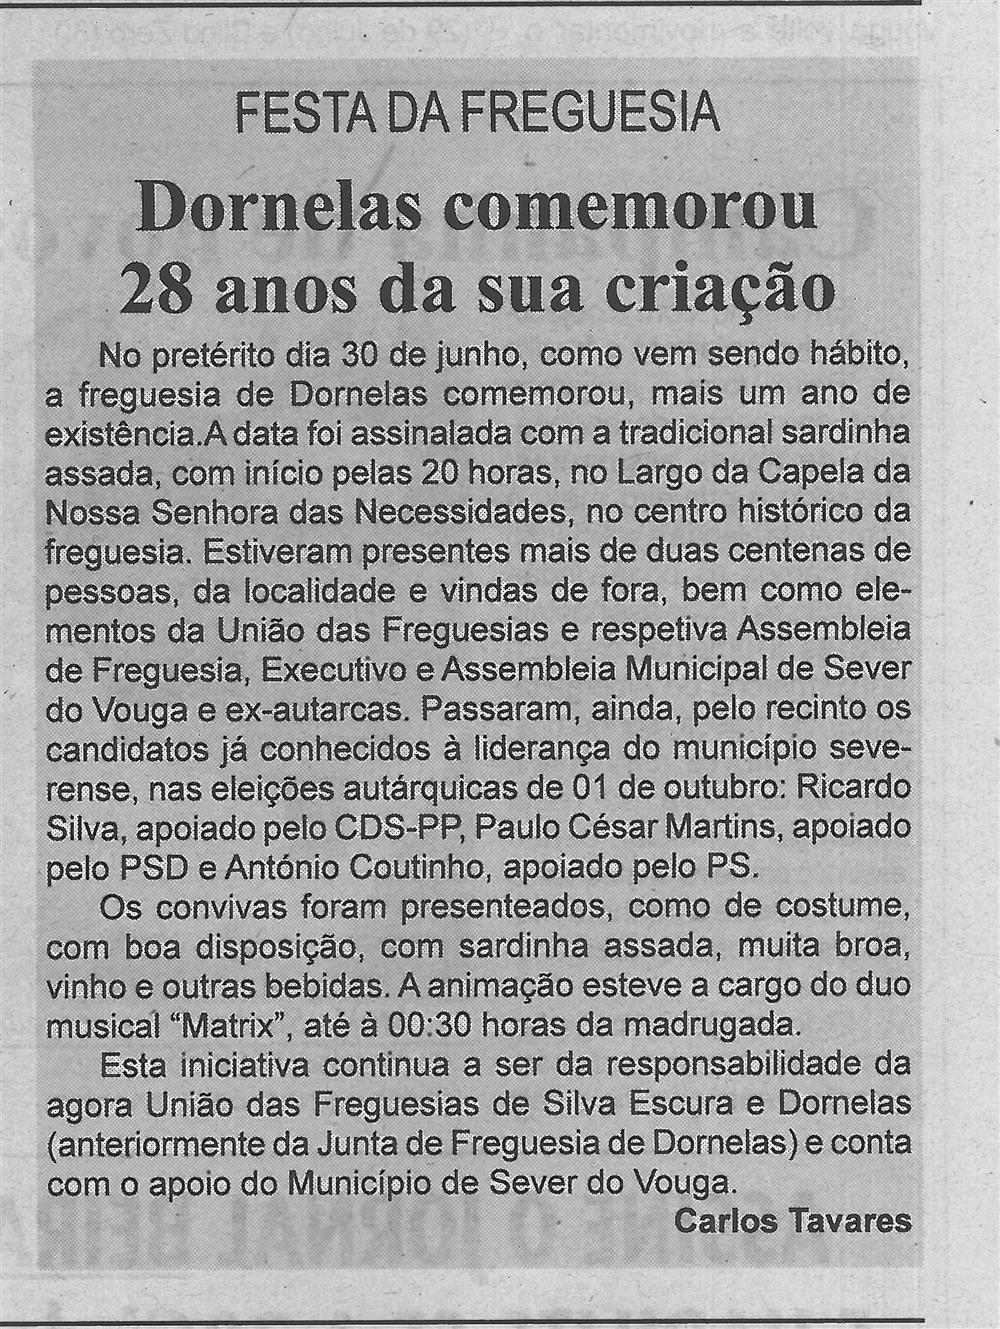 BV-2.ªjul.'17-p.4-Dornelas comemorou 28 anos da sua criação : festa da freguesia.jpg